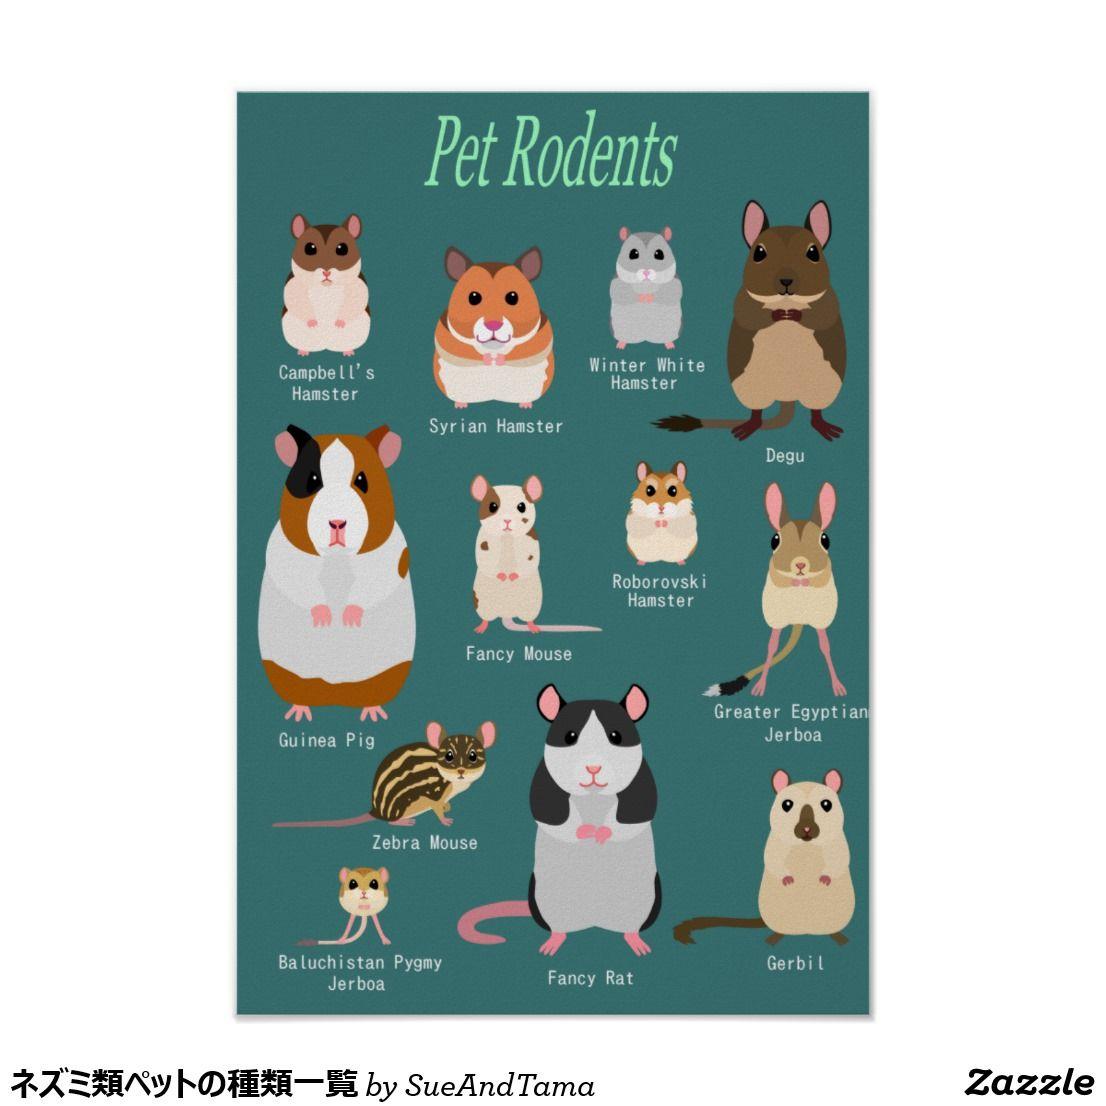 ネズミ類ペットの種類一覧 ポスター ペット ネズミ ポスター